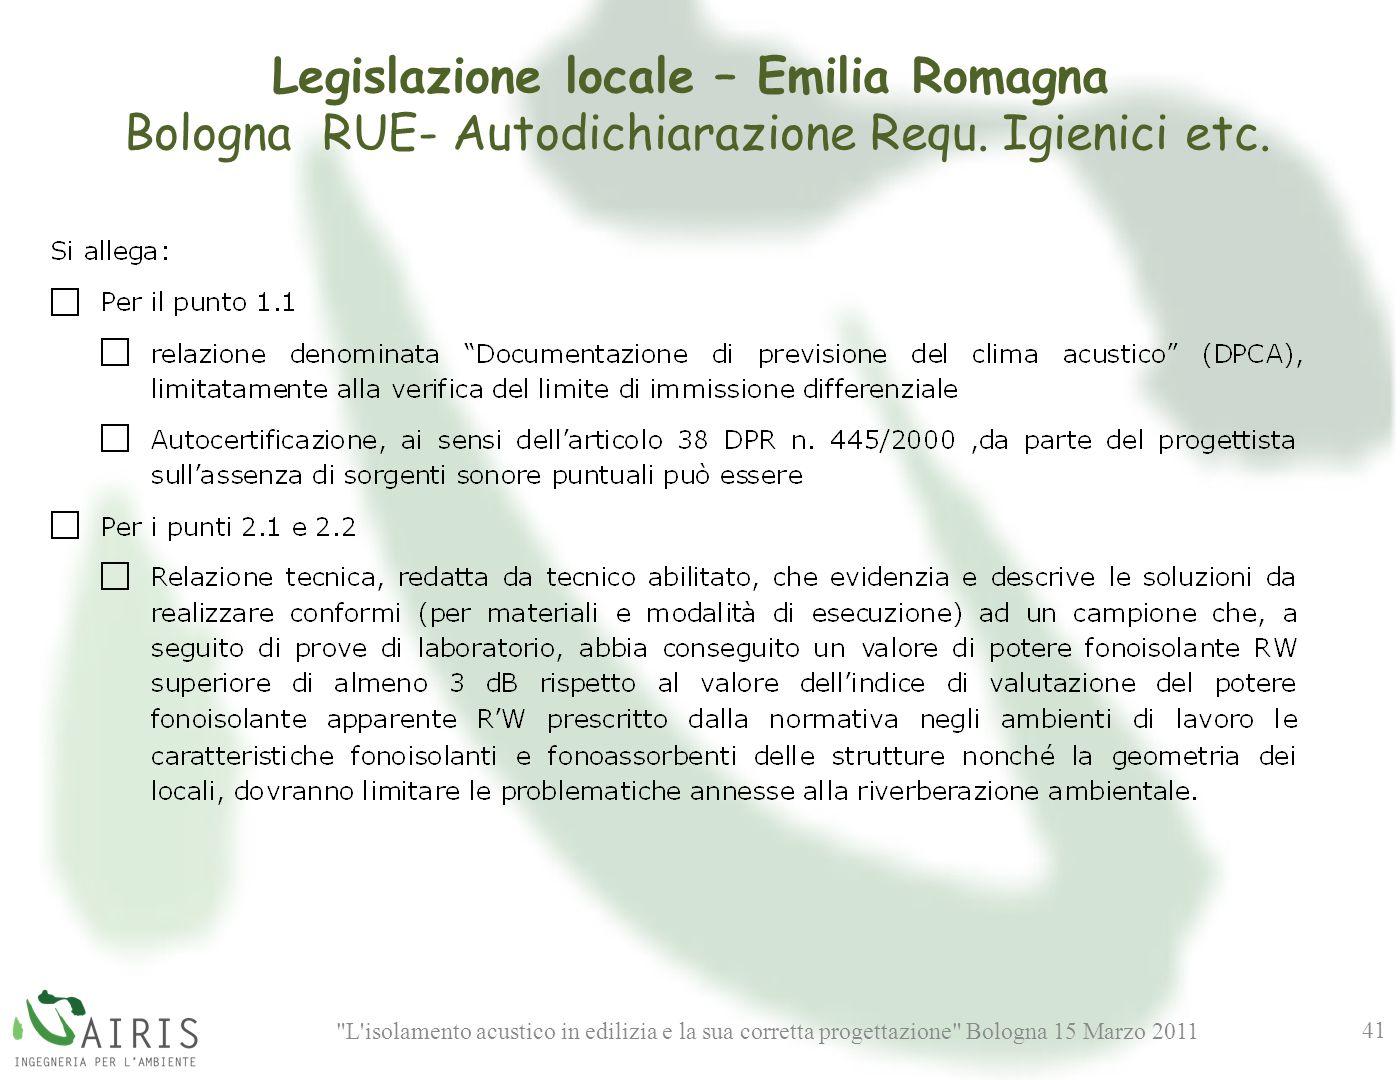 L isolamento acustico in edilizia e la sua corretta progettazione Bologna 15 Marzo 2011 41 Legislazione locale – Emilia Romagna Bologna RUE- Autodichiarazione Requ.